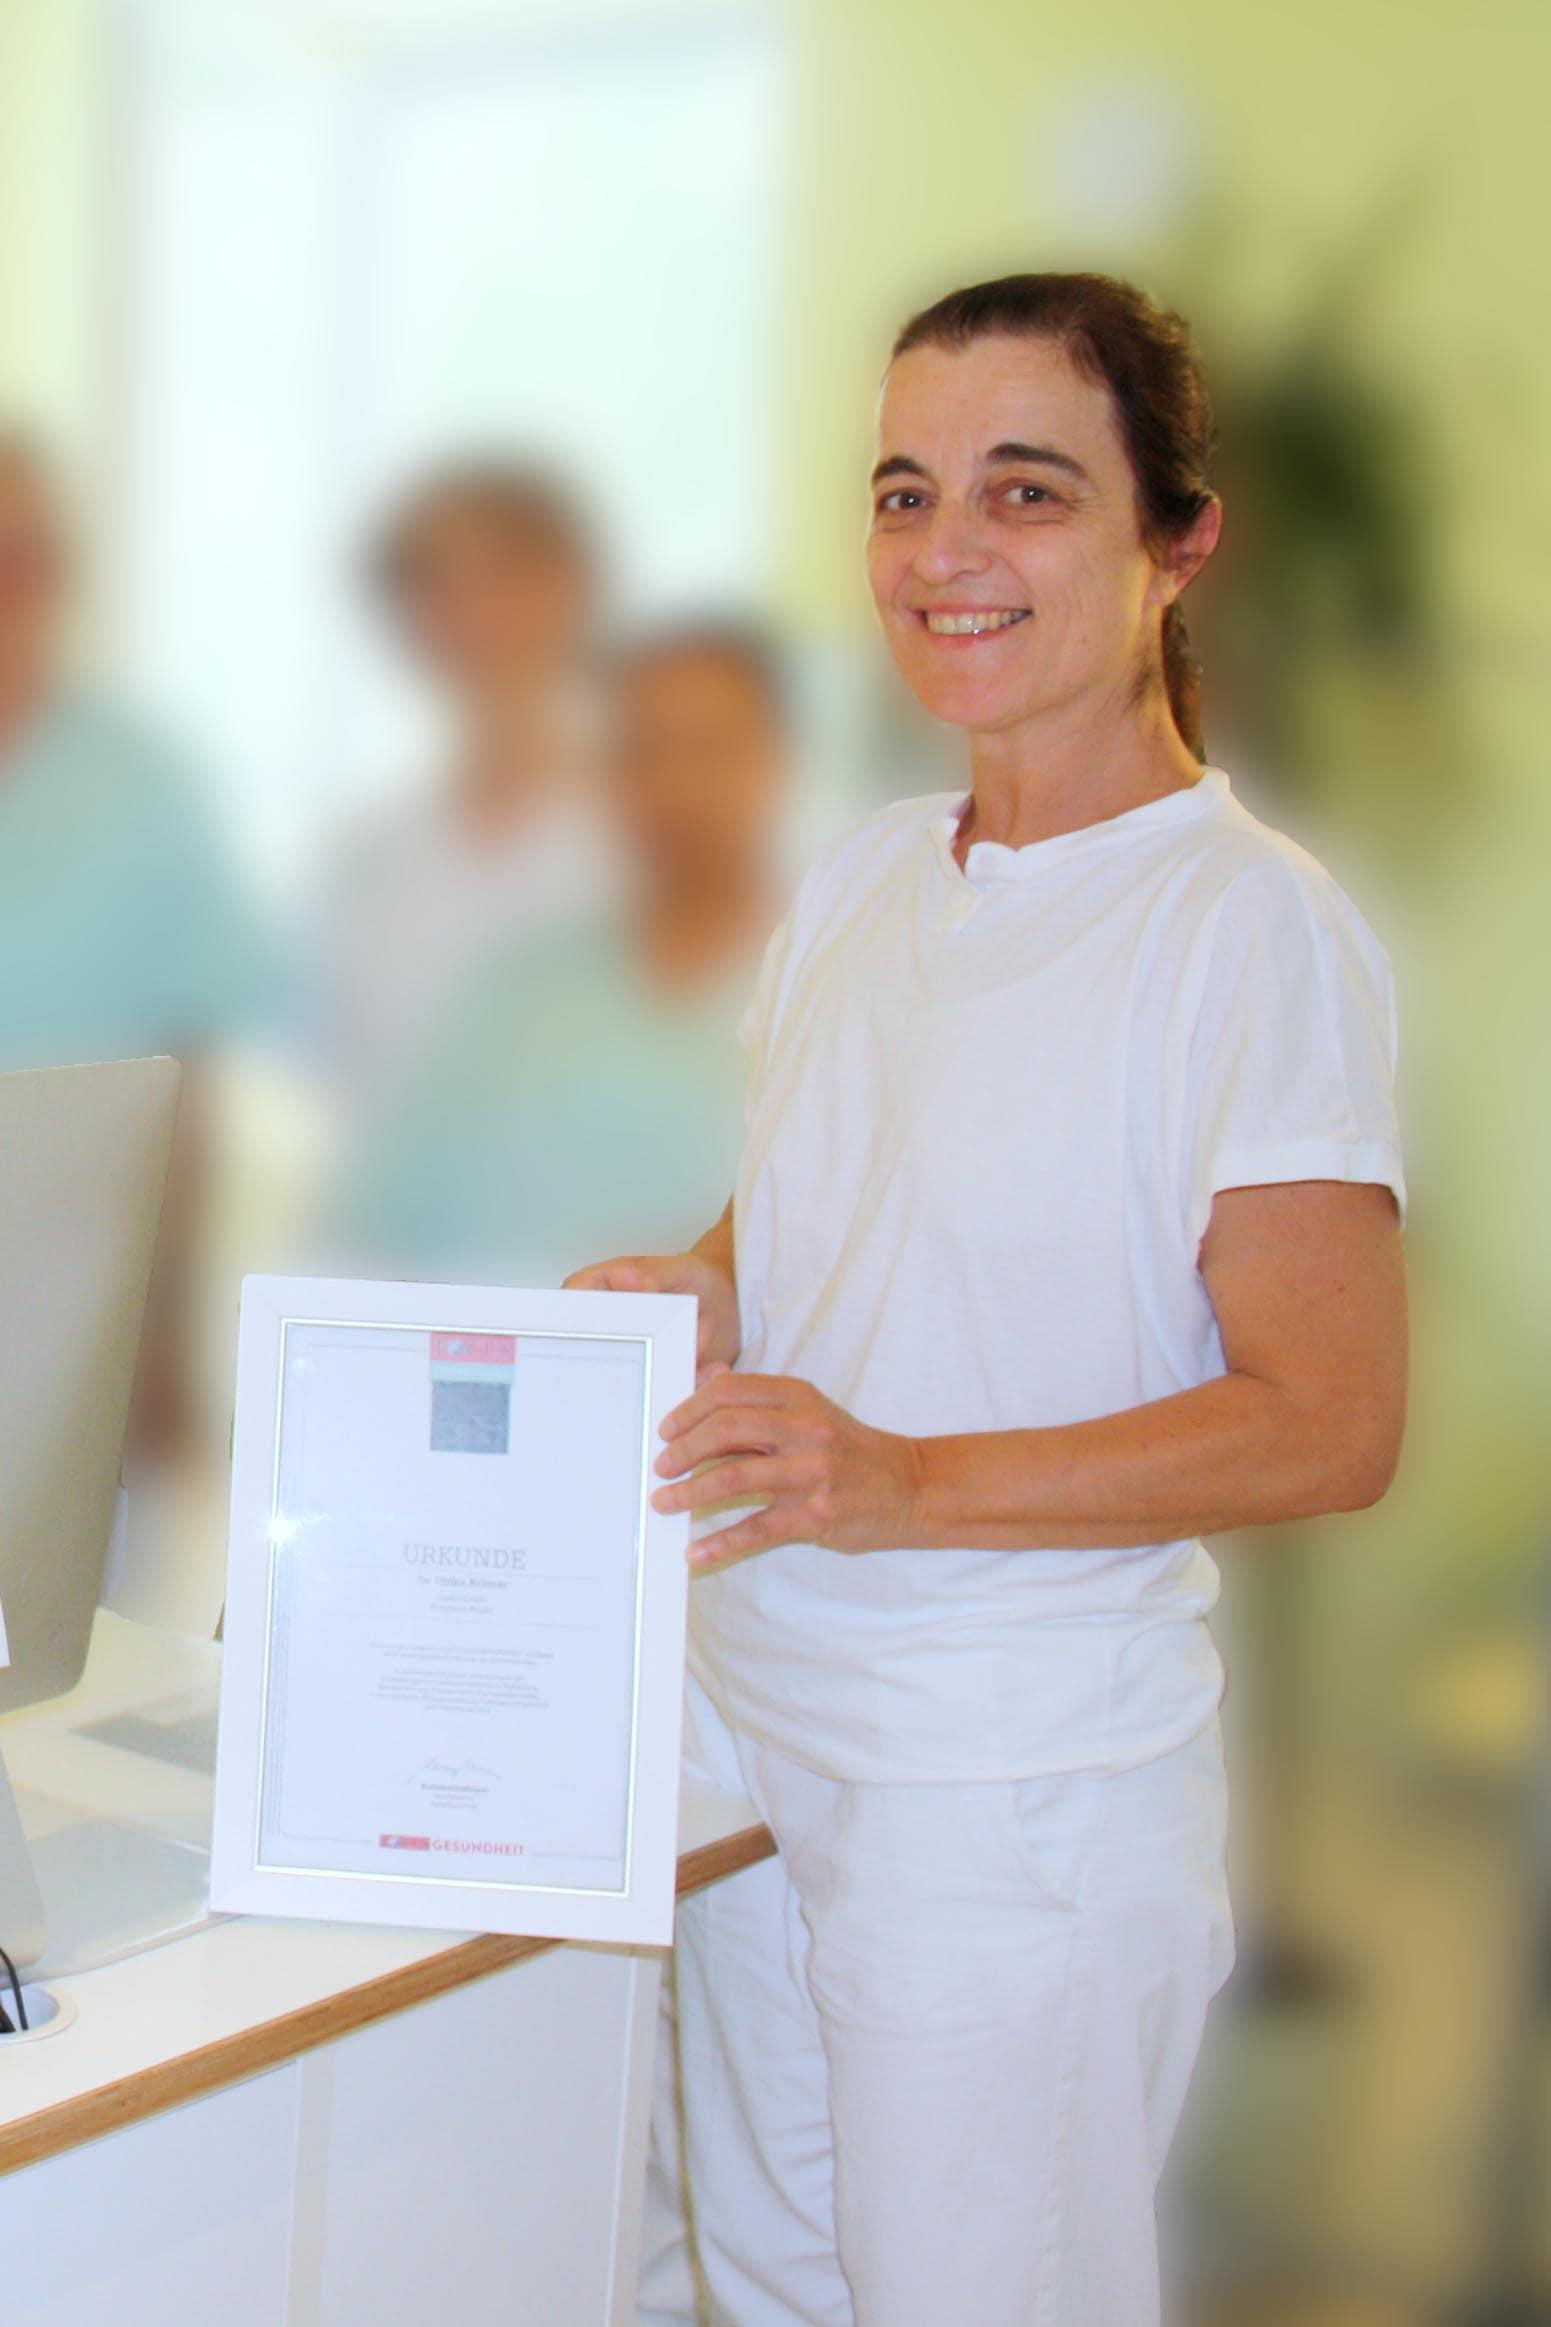 Zahnärztin mit Praxis im FachArztZentrum Bogen vom FOCUS-Magazin ausgezeichnet Dritte Auszeichnung in Folge für Dr. med. dent. Ulrike Krinner